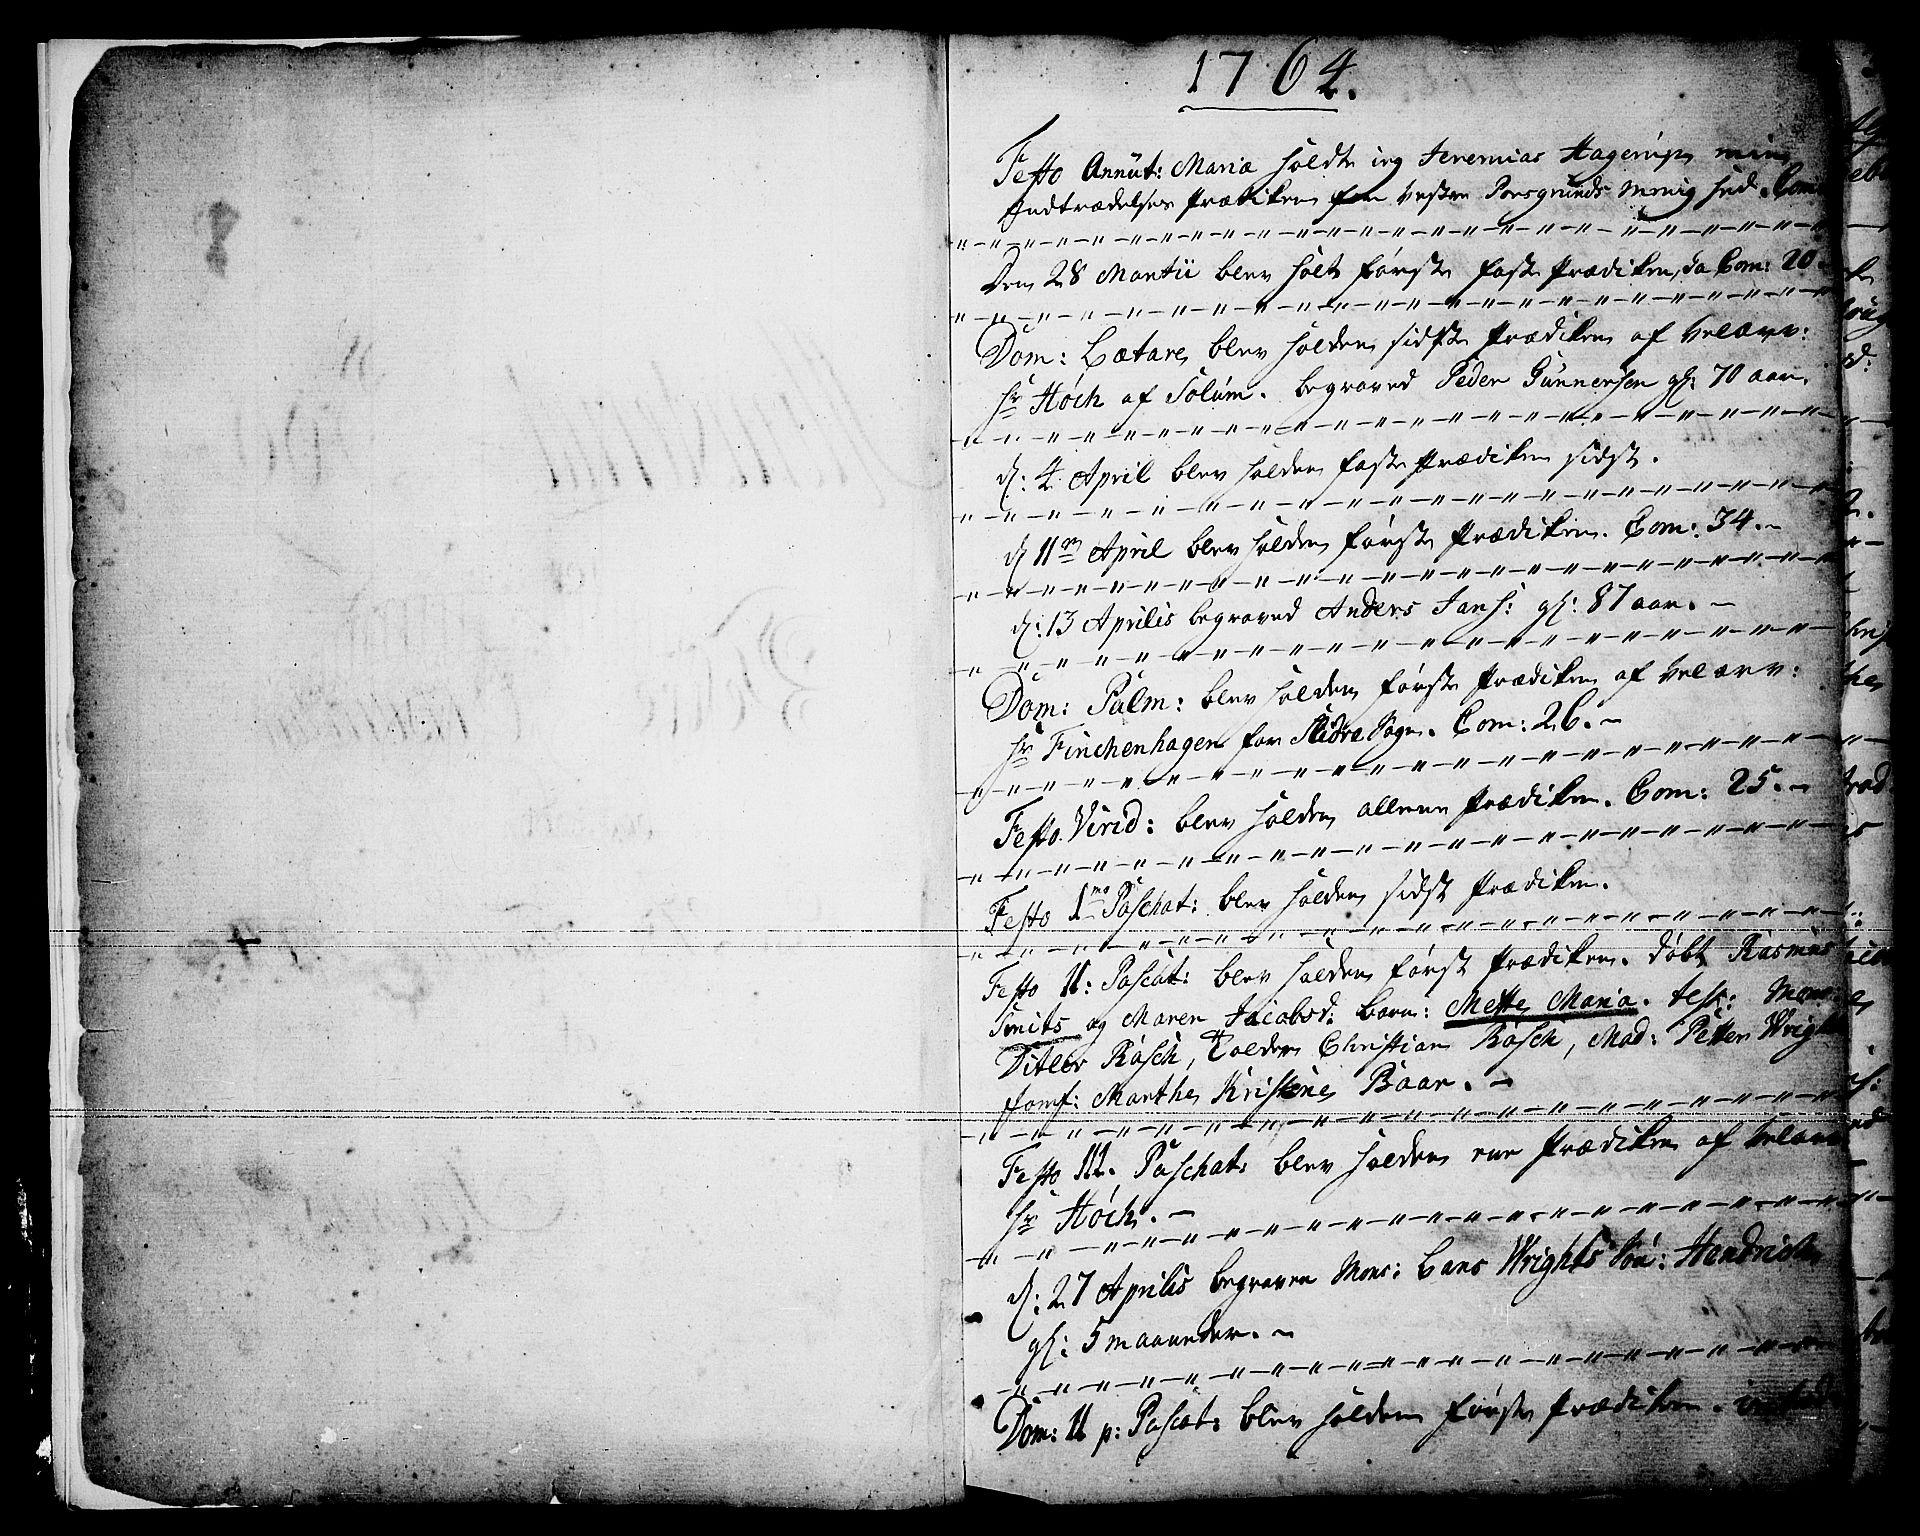 SAKO, Porsgrunn kirkebøker , F/Fa/L0001: Ministerialbok nr. 1, 1764-1814, s. 1